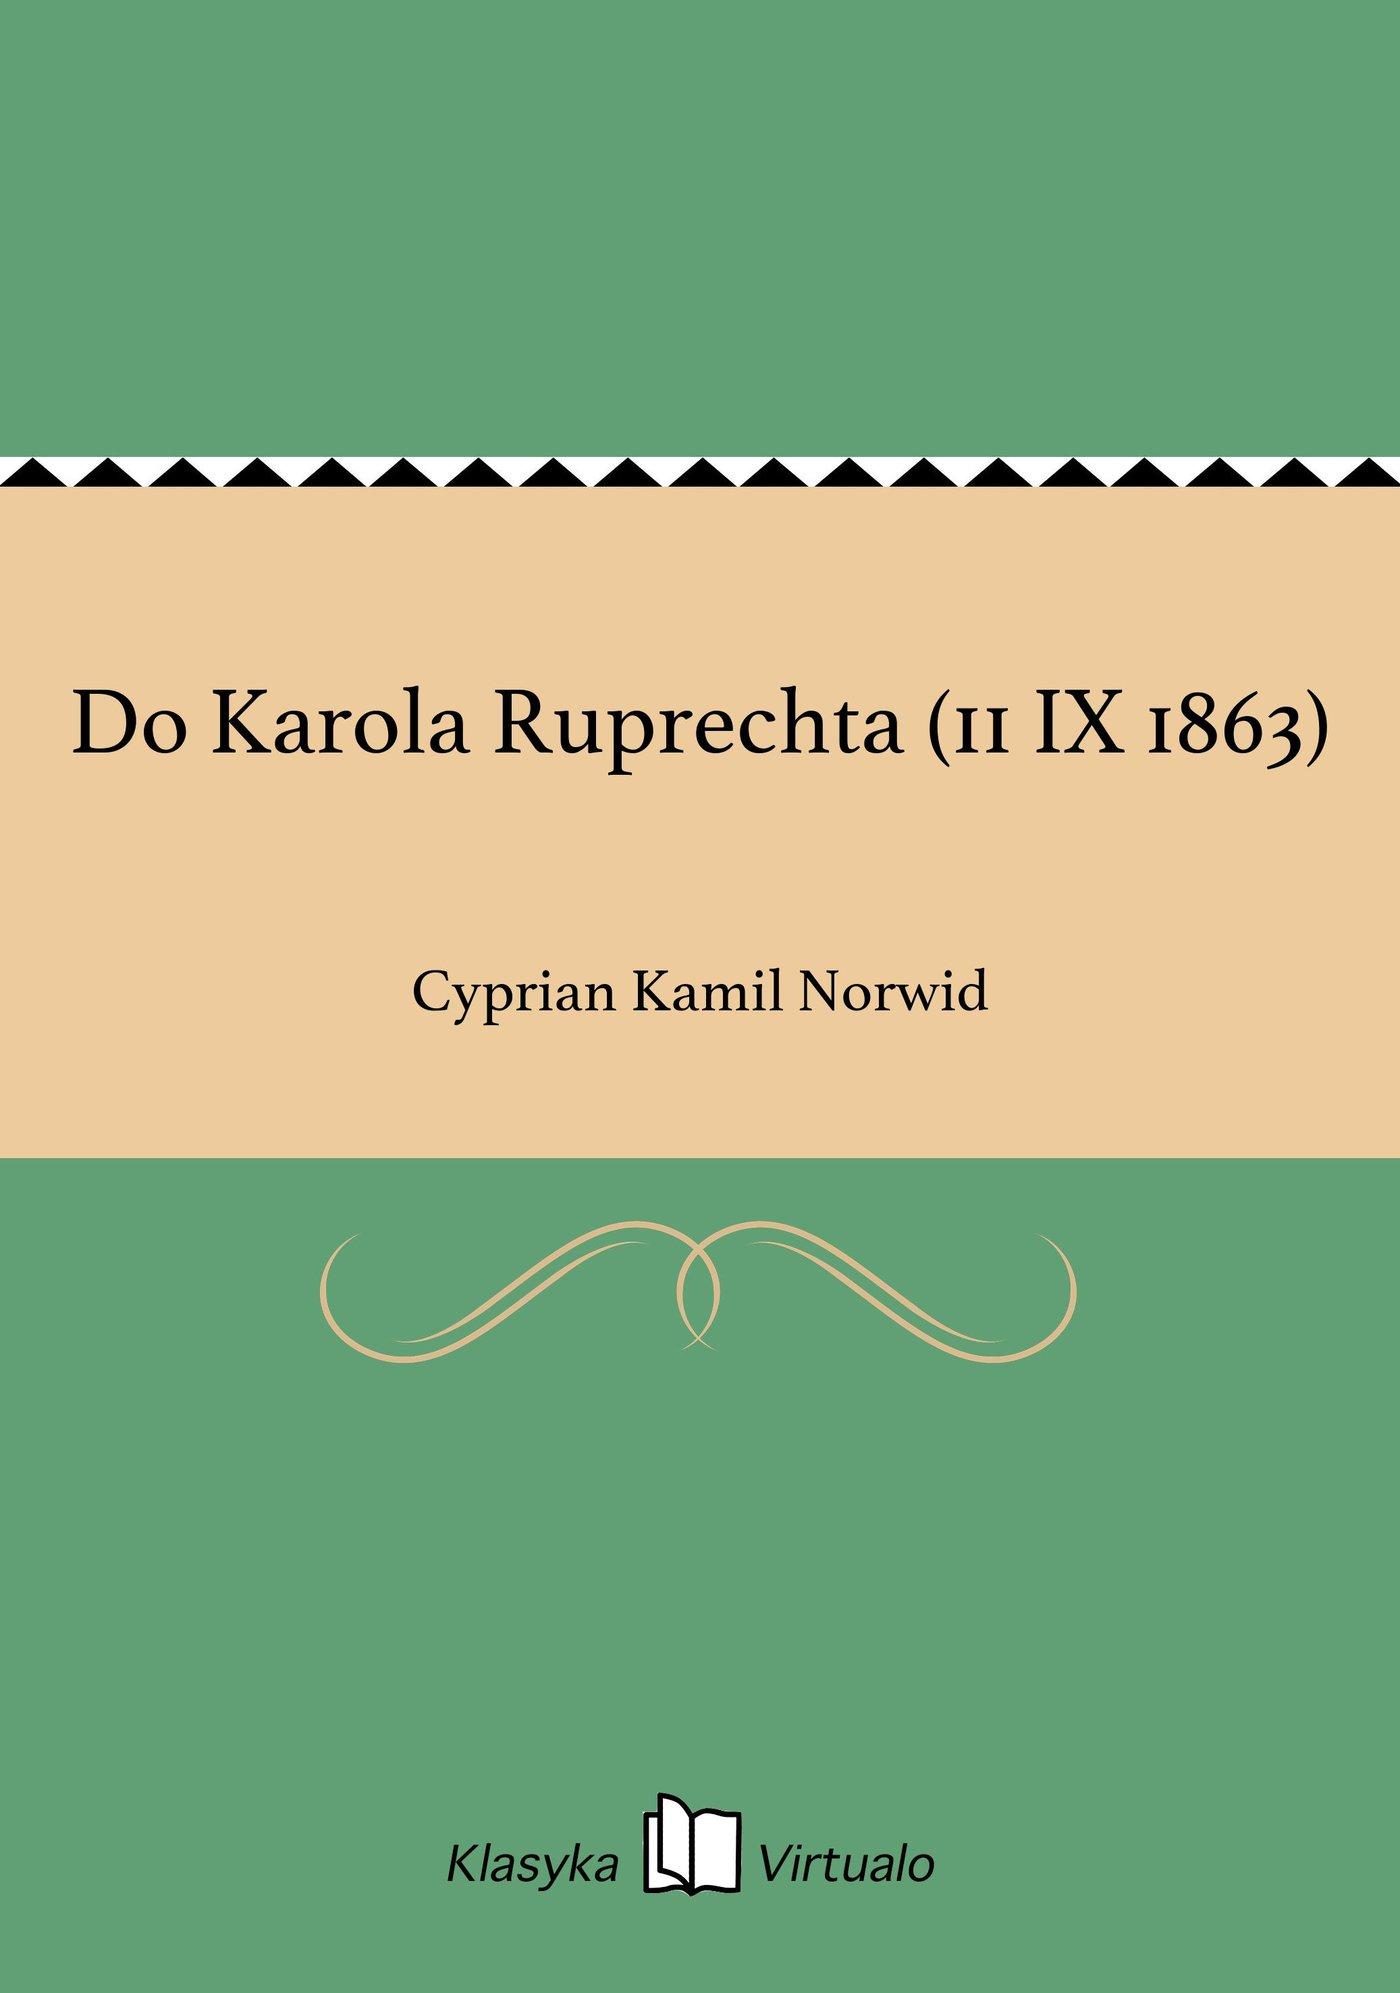 Do Karola Ruprechta (11 IX 1863) - Ebook (Książka EPUB) do pobrania w formacie EPUB